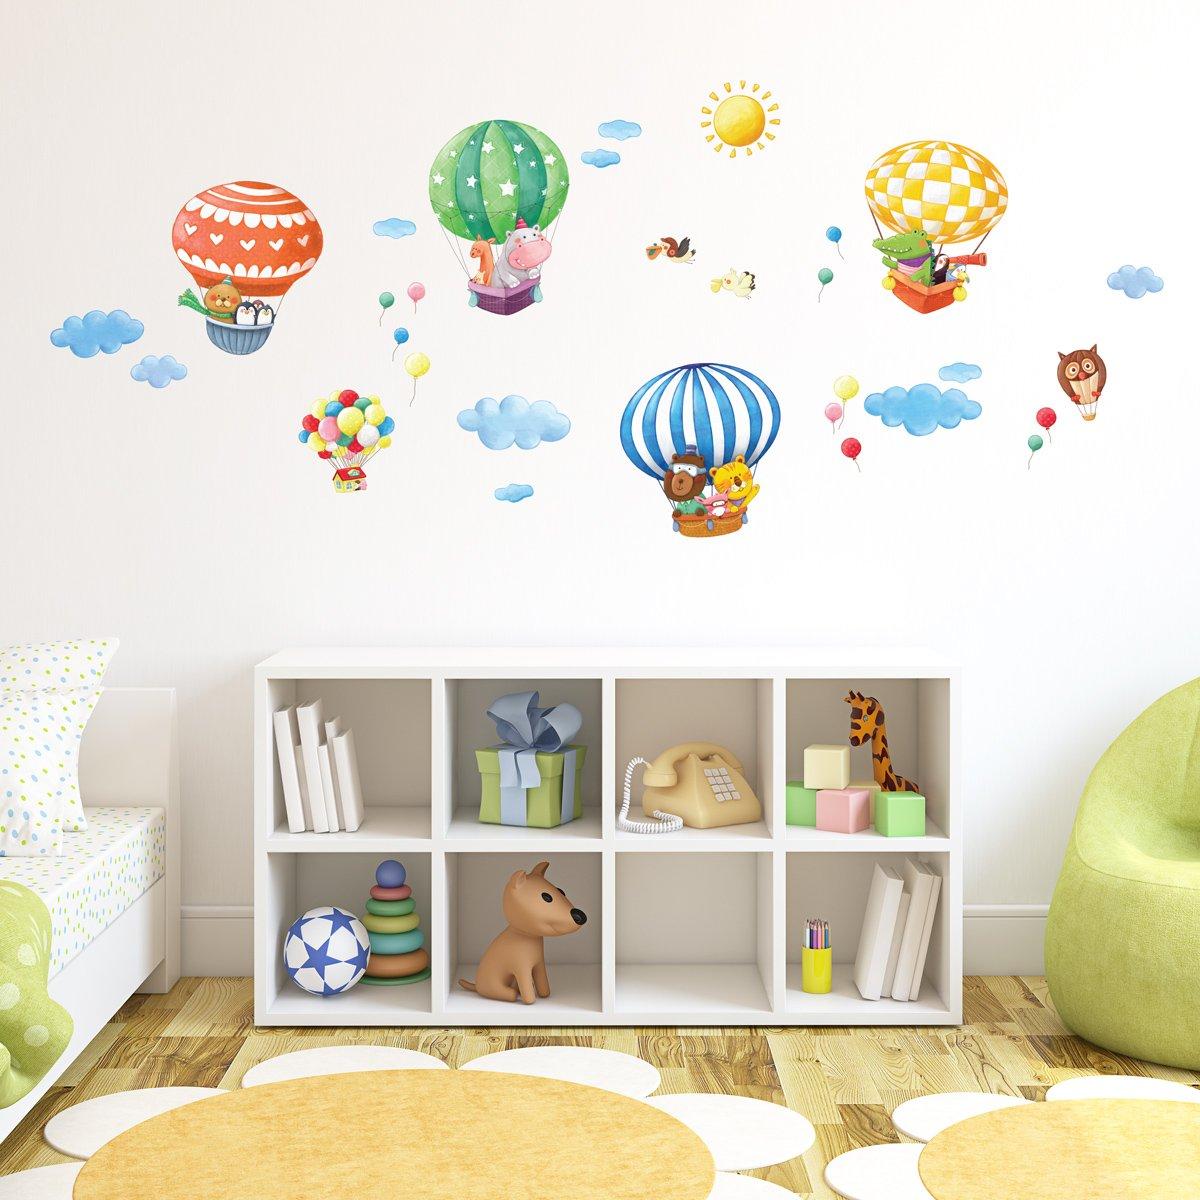 Decori camerette bambini decorare camerette bambini fai - Decori pareti camerette ...